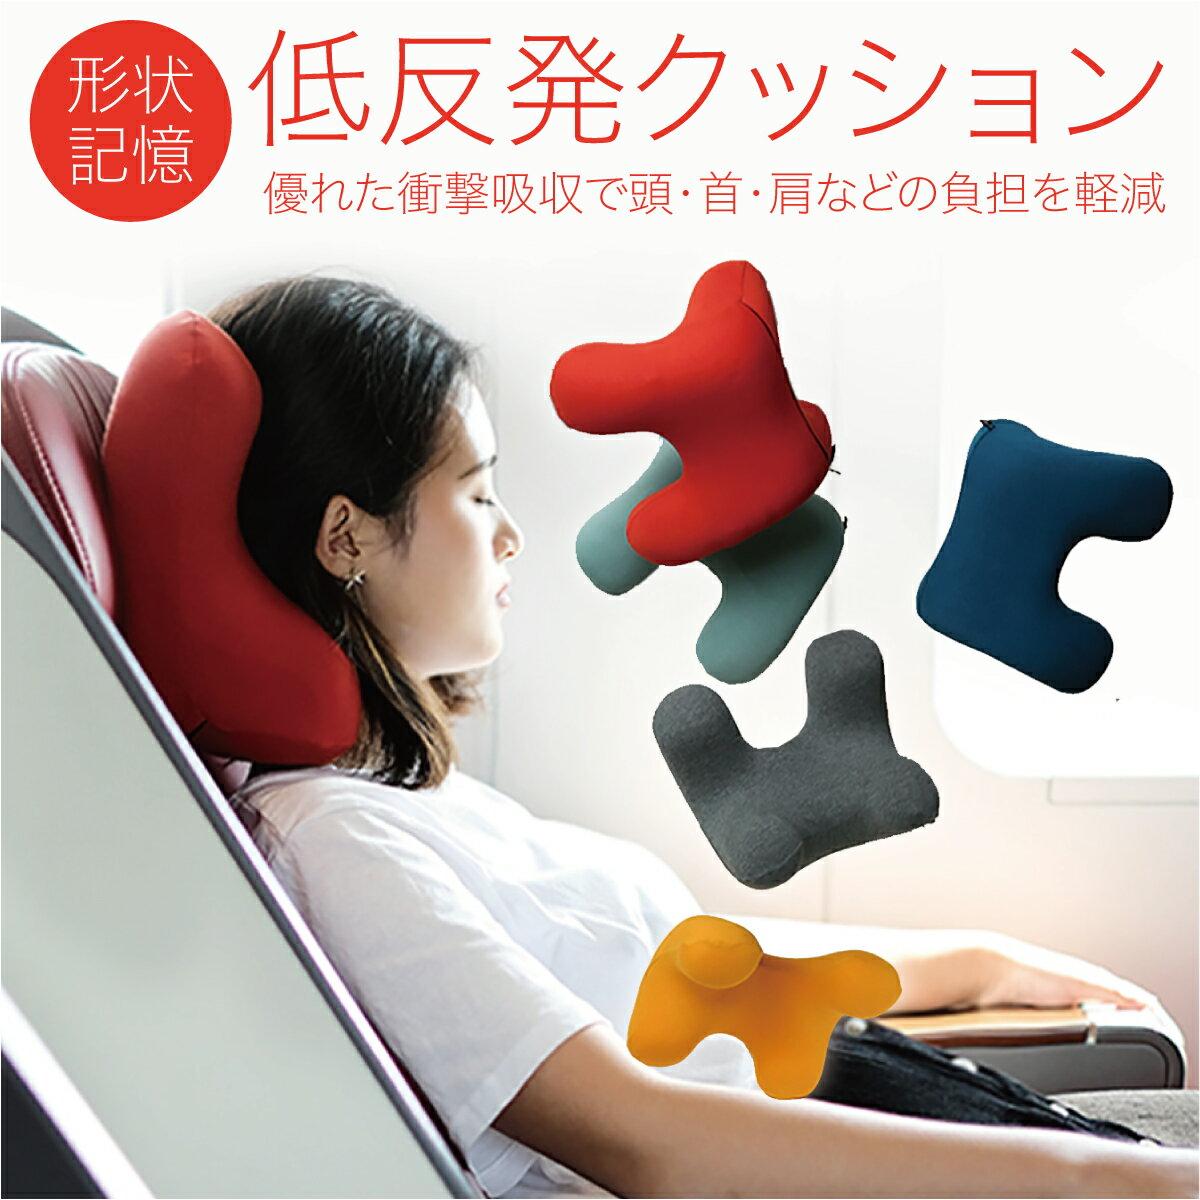 ネックピロー 飛行機 低反発 クッション 飛行機 ネックピロー おすすめ トラベル エラー お昼寝 まくら 枕 マット かわいい pillow-01